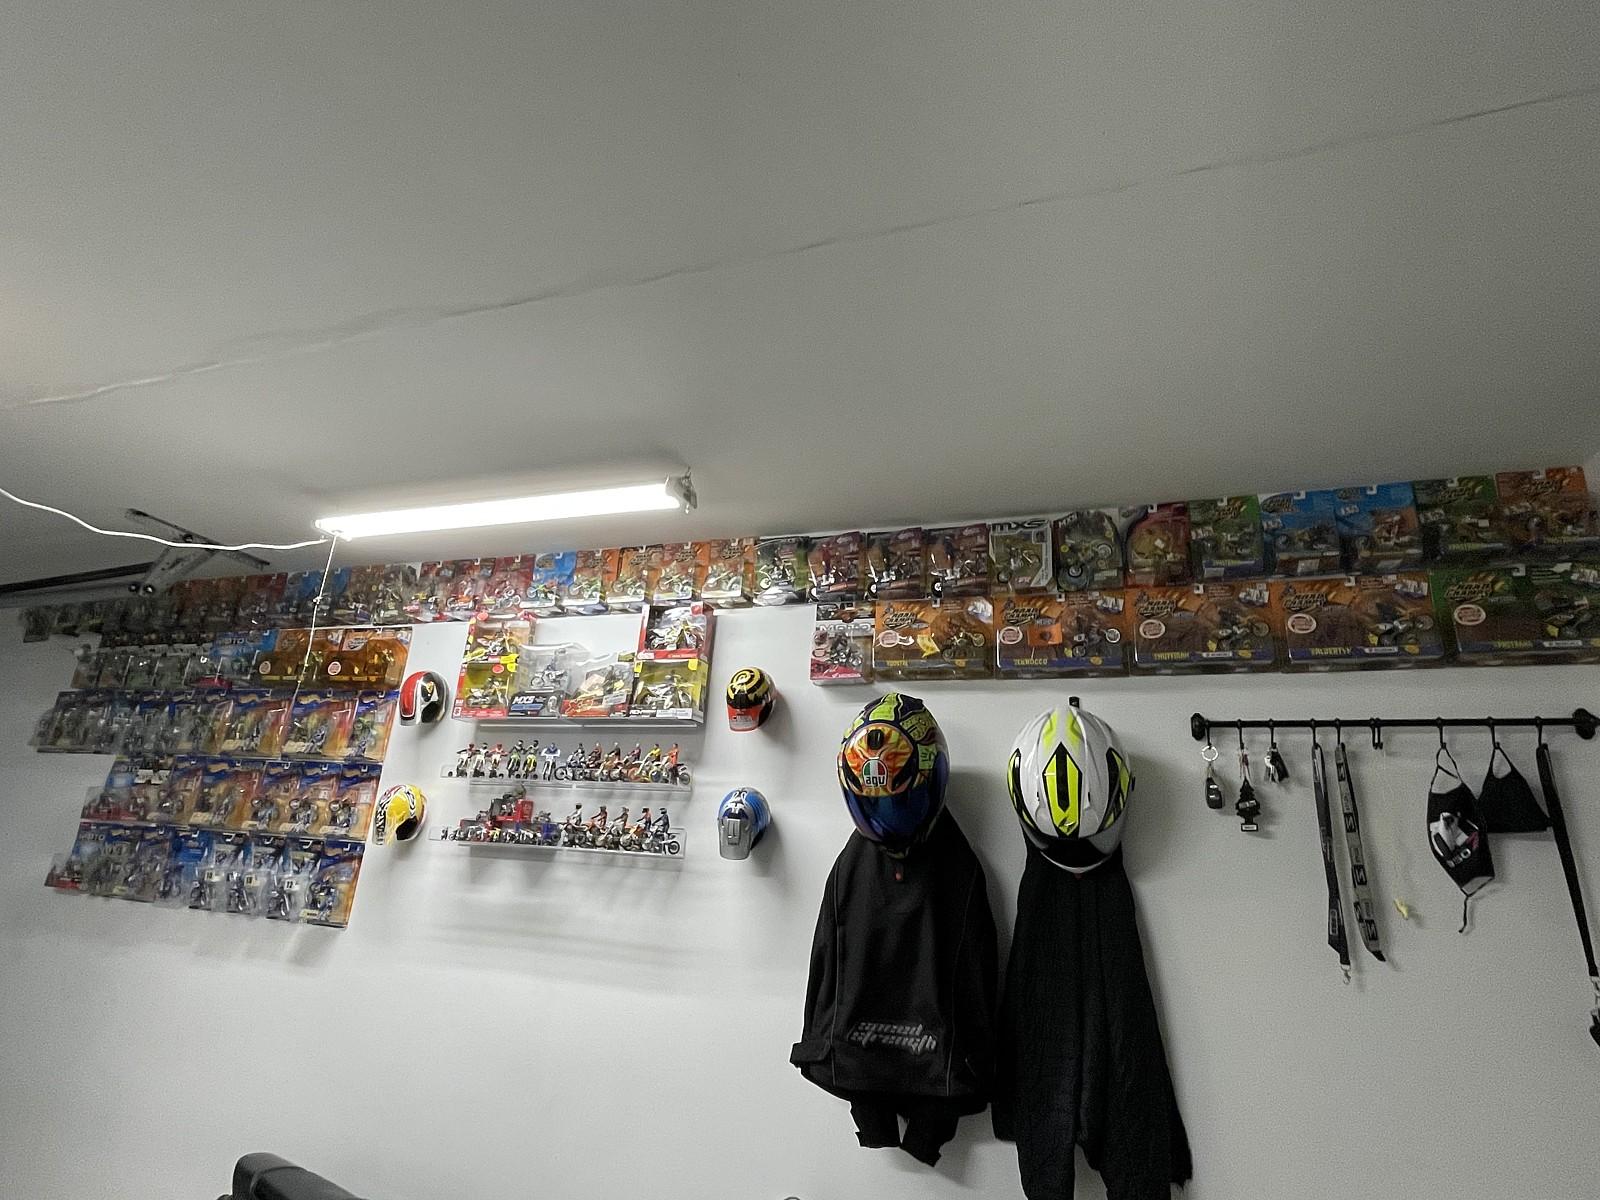 E13980A4-D9F0-4B23-ACEA-48A07E26E4D2 - mx_toys98 - Motocross Pictures - Vital MX